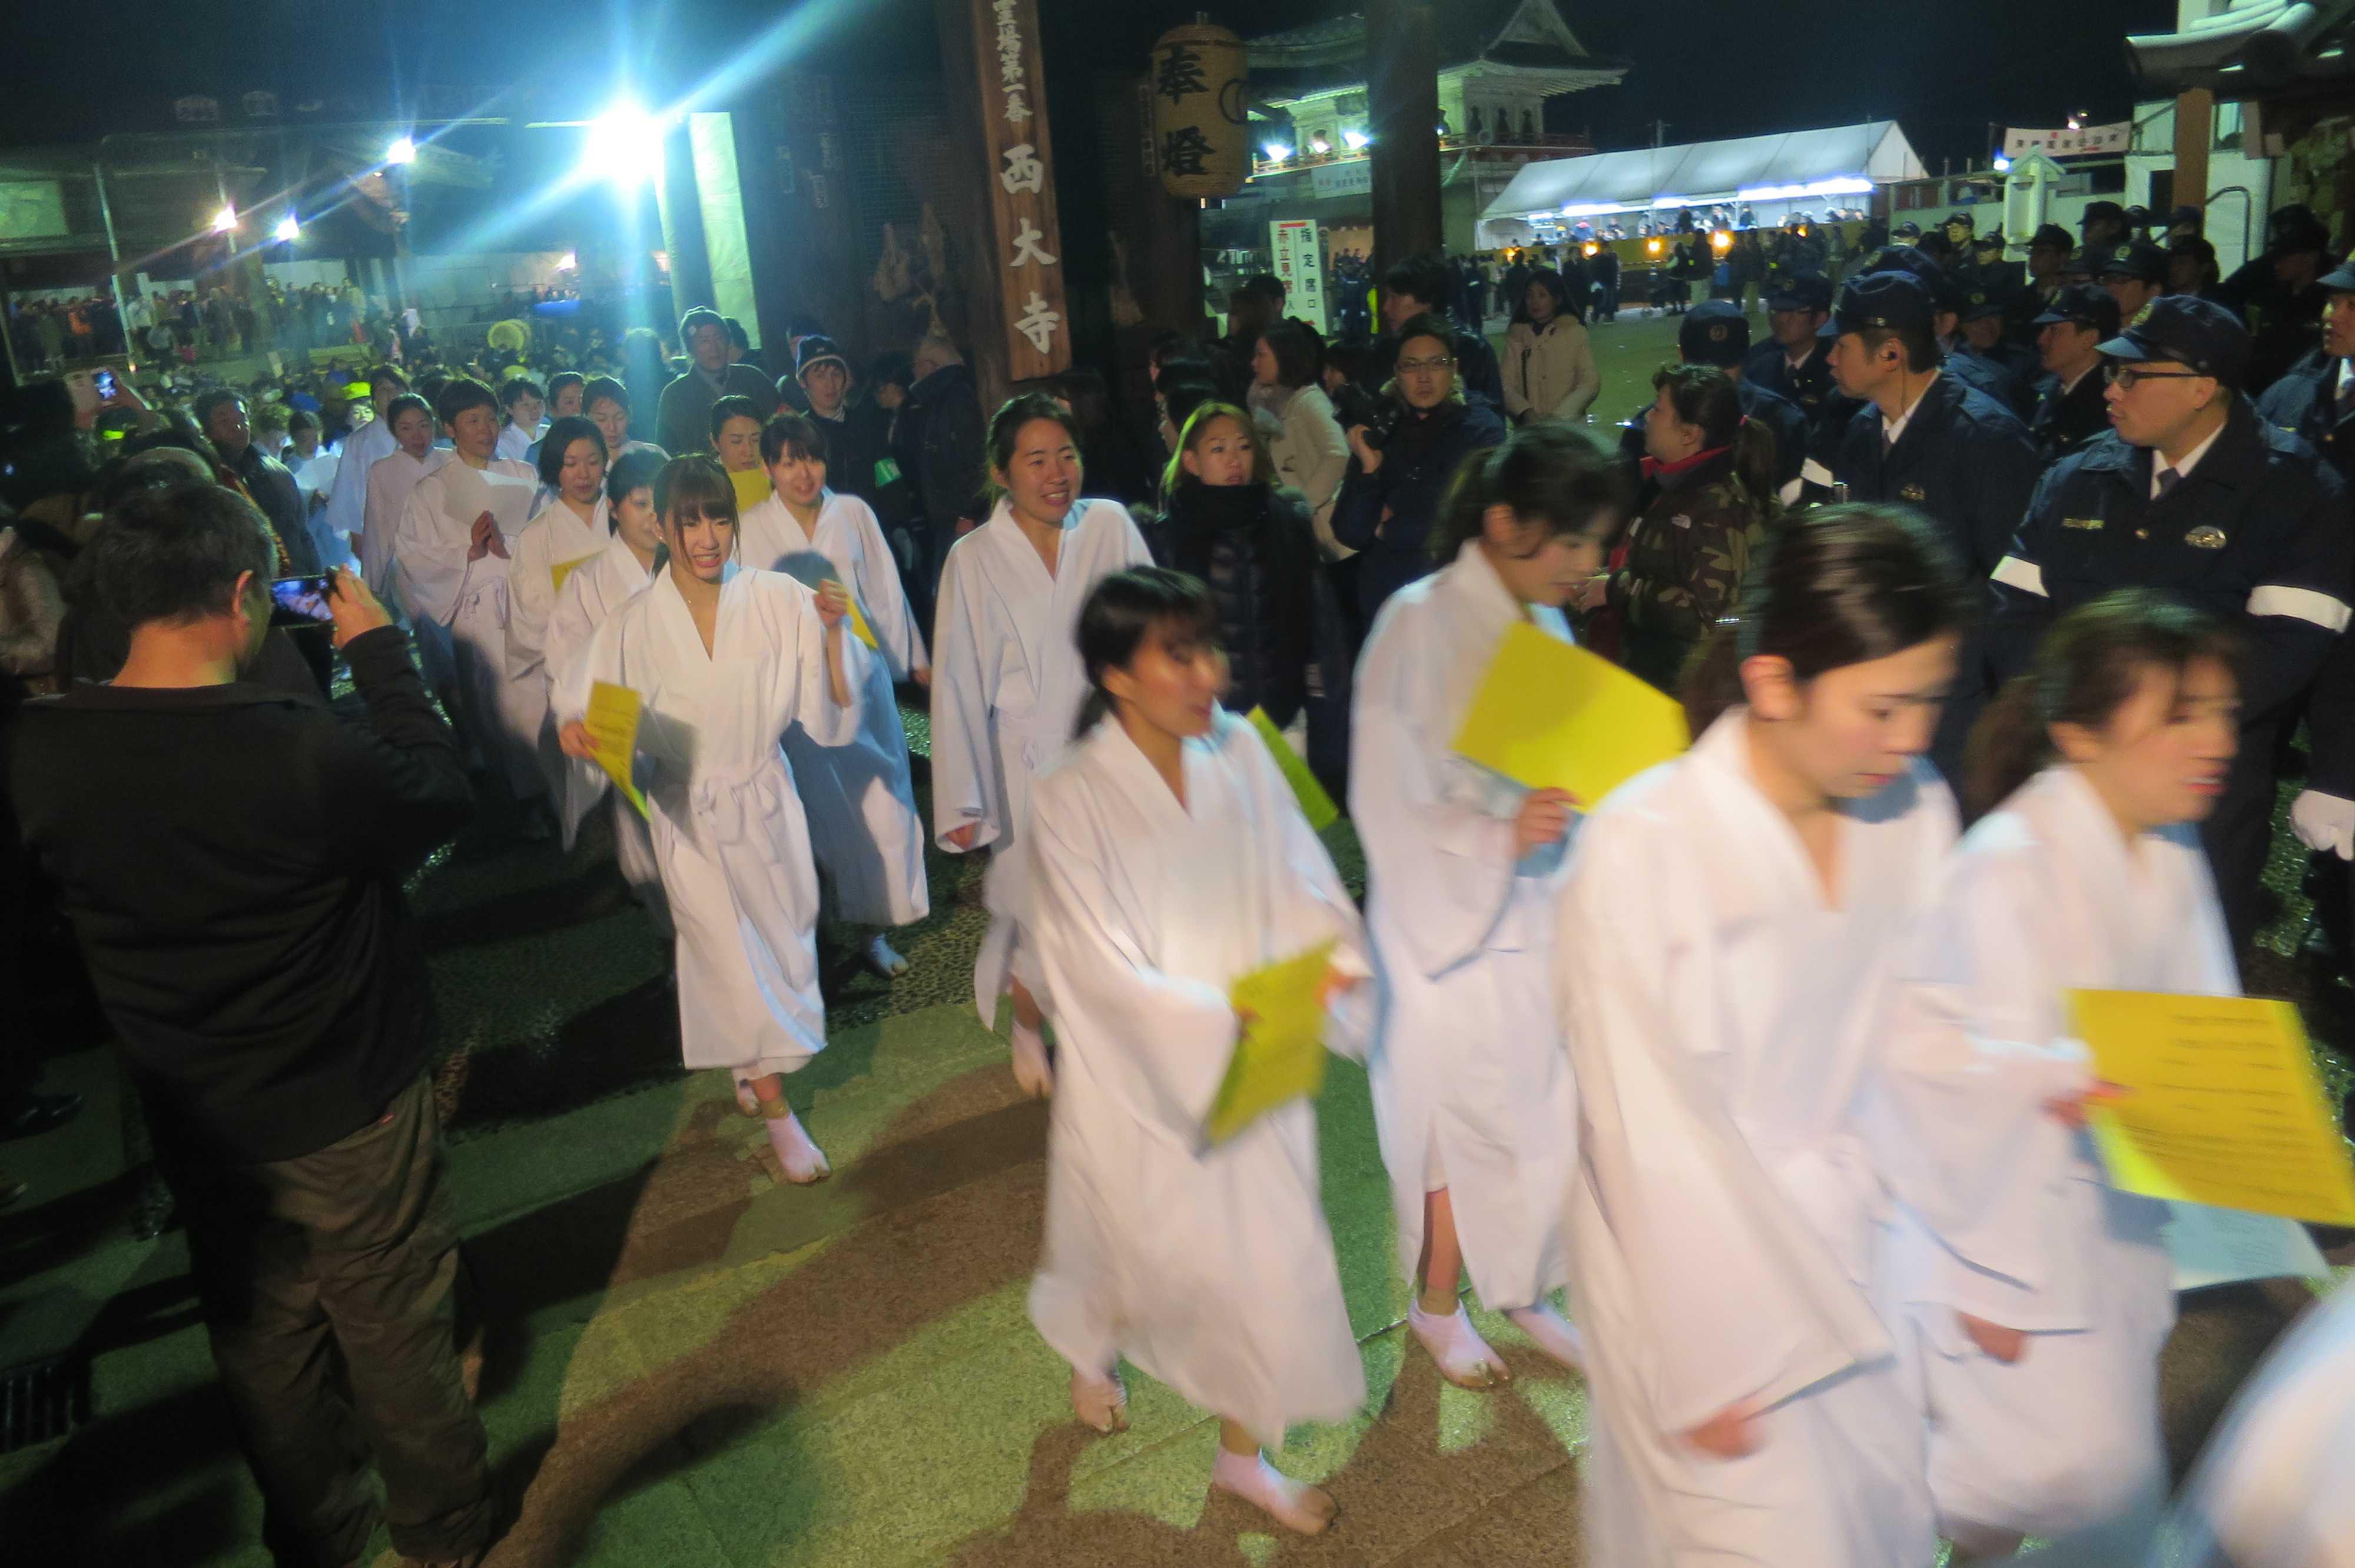 西大寺会陽 - 仁王門を抜ける滝衣の女性たち